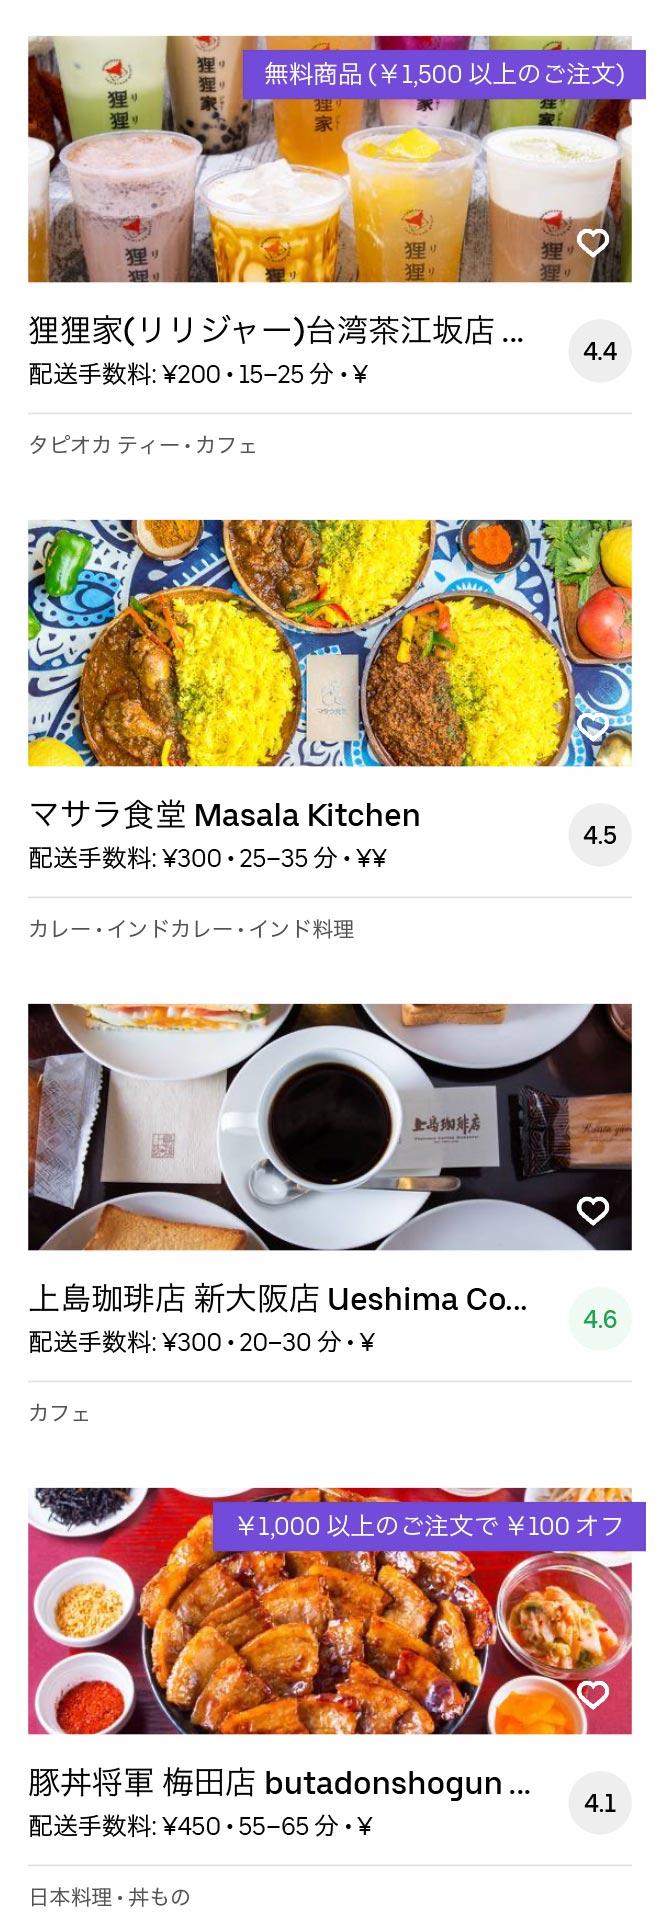 Toyonaka shounai menu 2005 10